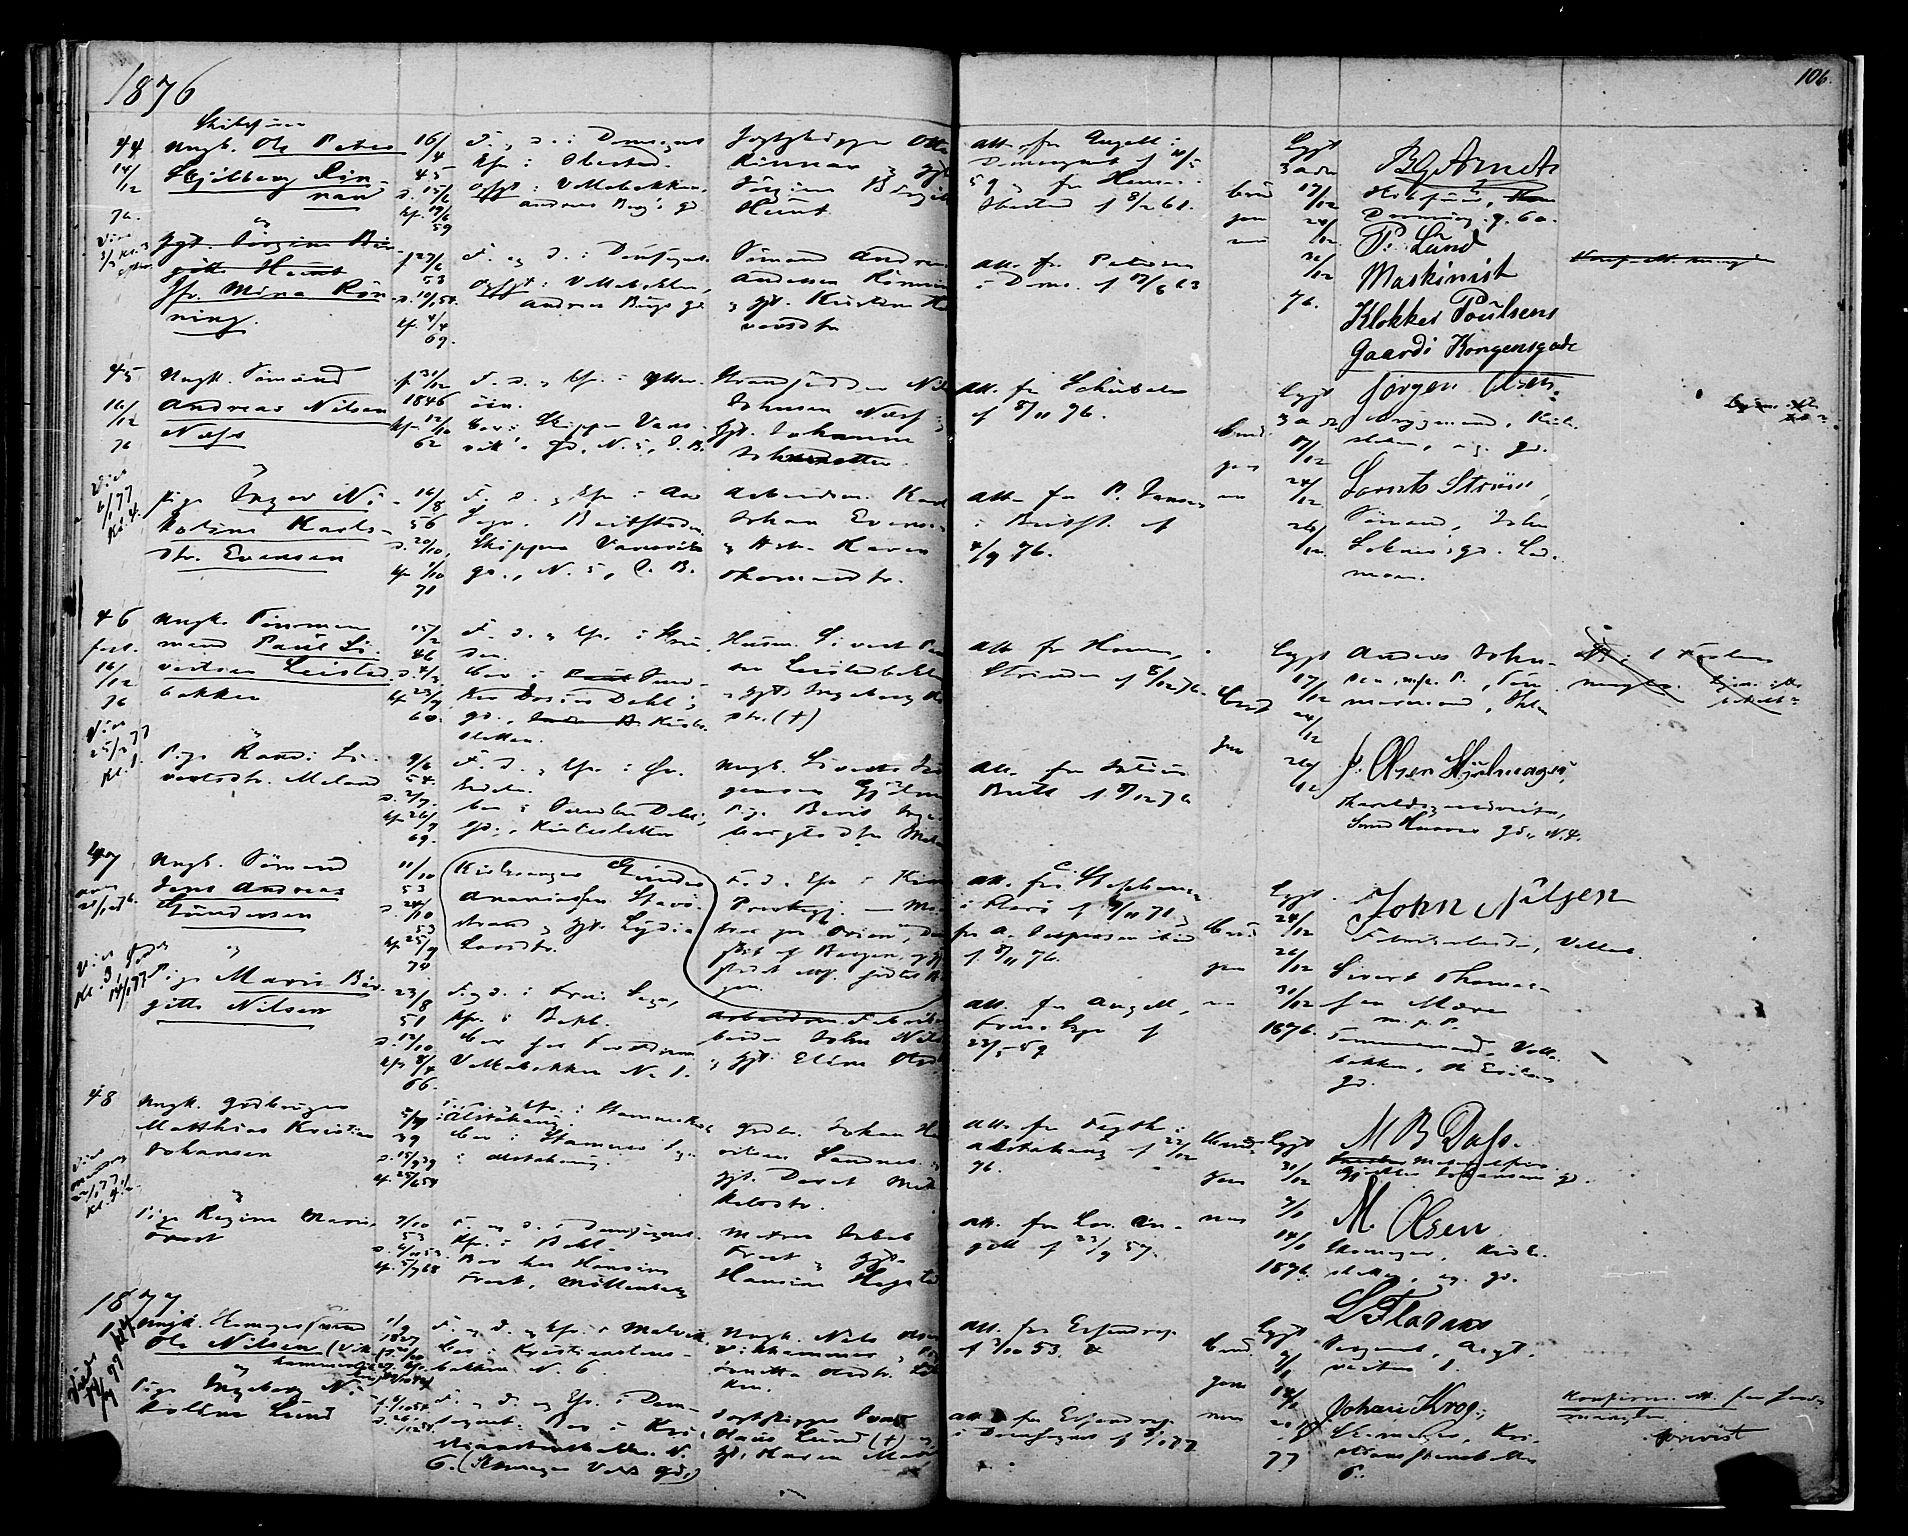 SAT, Ministerialprotokoller, klokkerbøker og fødselsregistre - Sør-Trøndelag, 604/L0187: Ministerialbok nr. 604A08, 1847-1878, s. 106